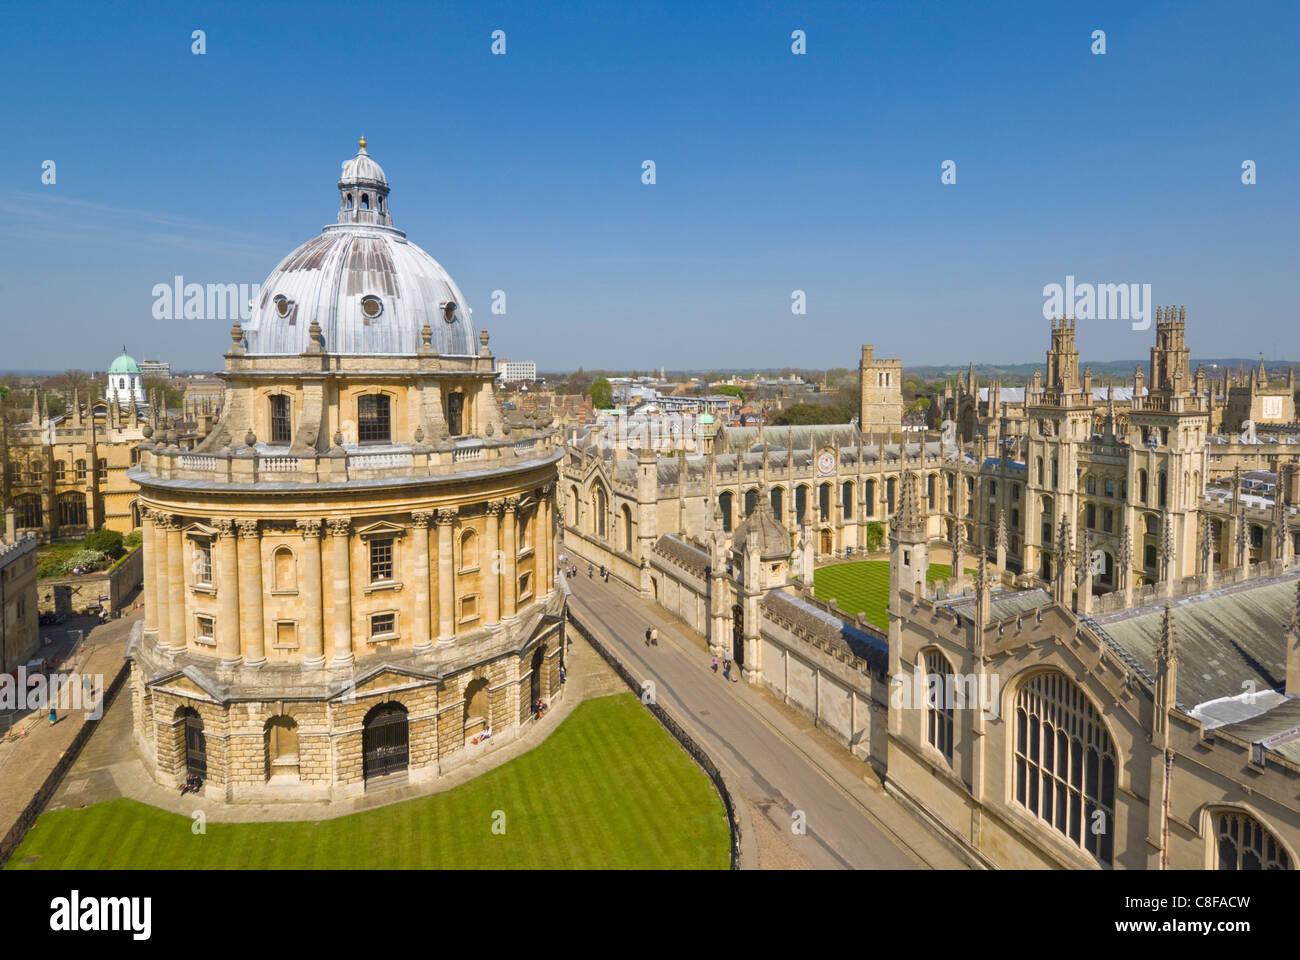 Le dôme de Radcliffe Camera, les murs de l'All Souls College, et les toits de la ville universitaire d'Oxford, Photo Stock